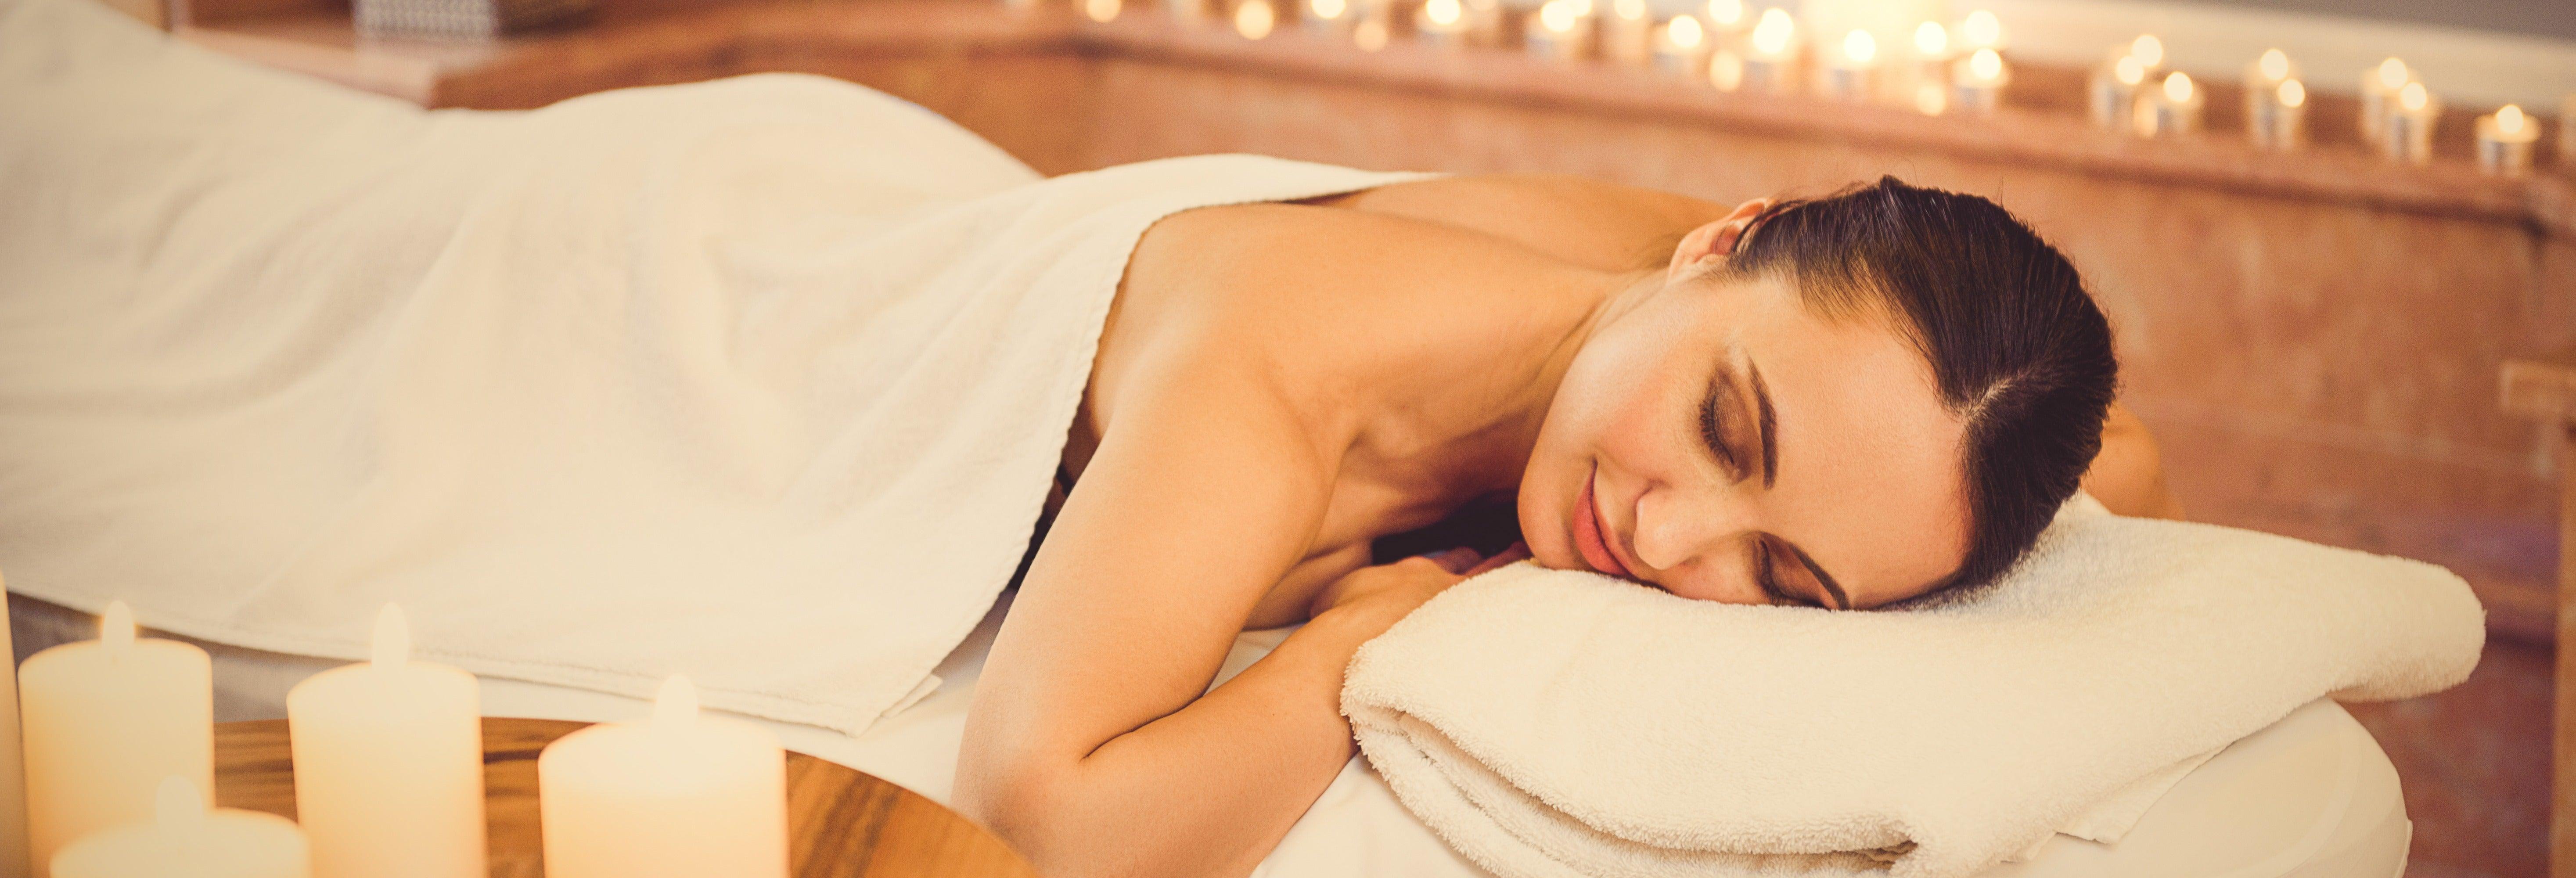 Spa e massaggio in un hammam tradizionale